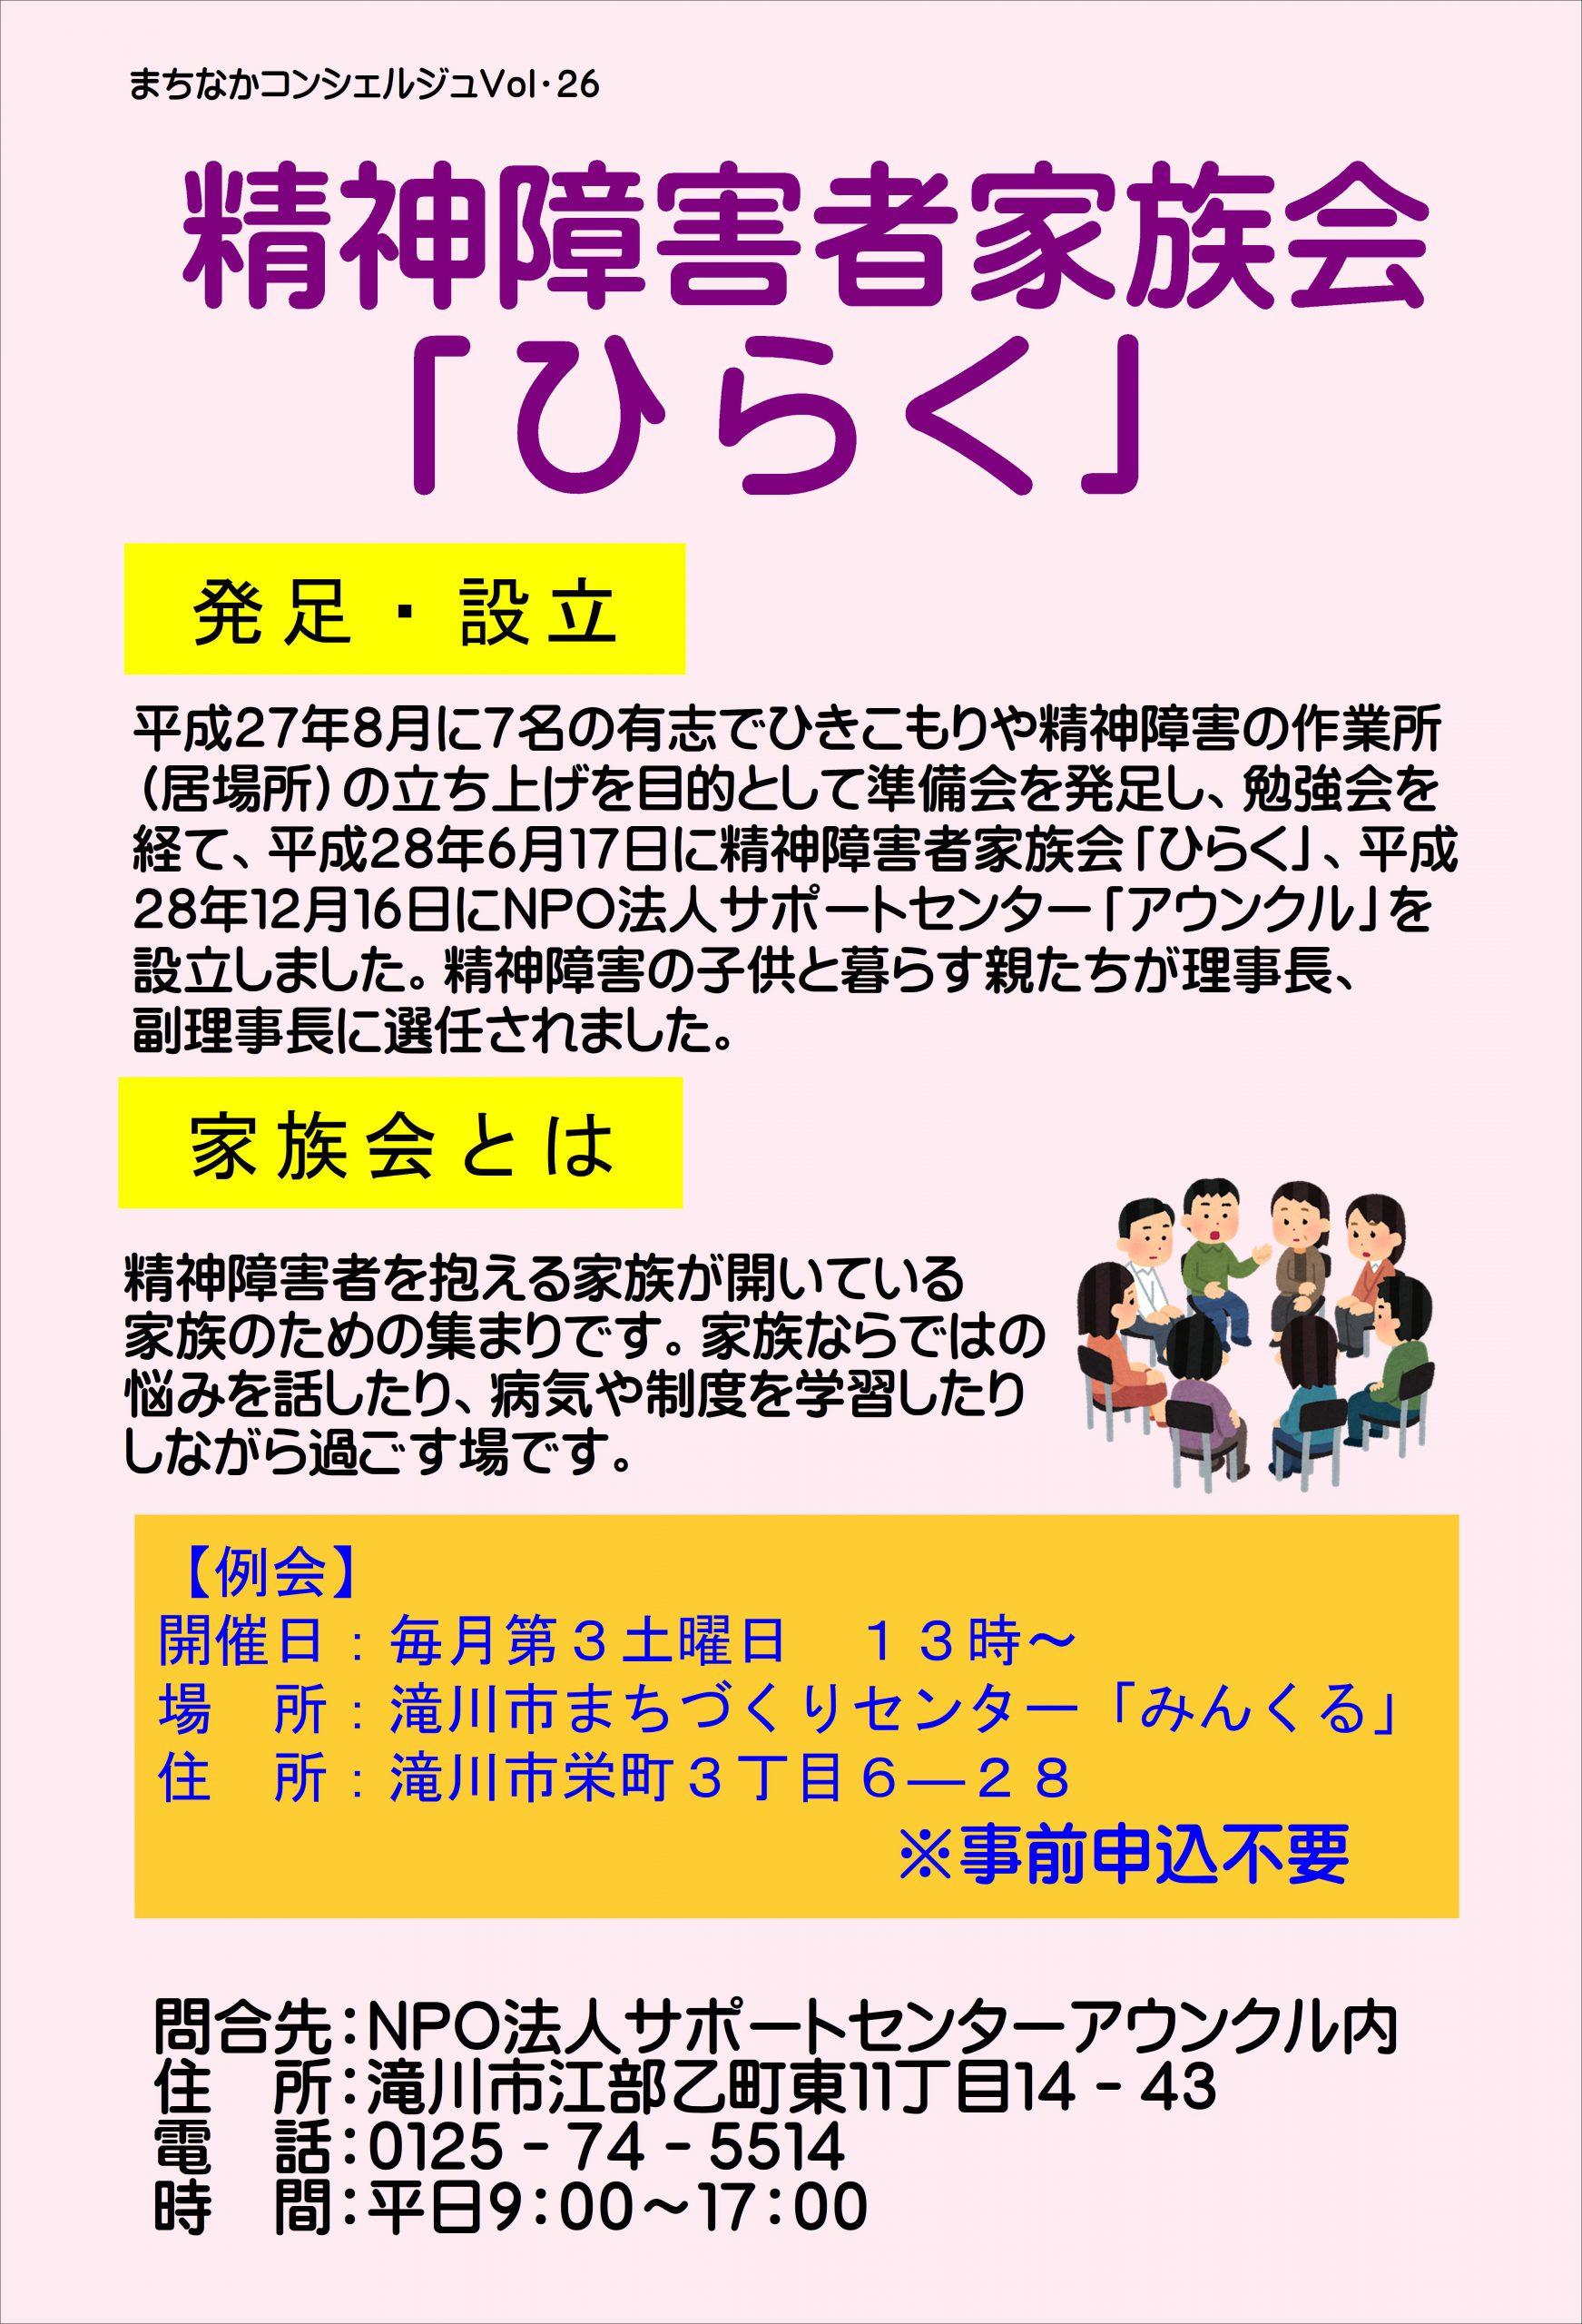 Vol.26~精神障害者家族会「ひらく」~ – 滝川市立図書館